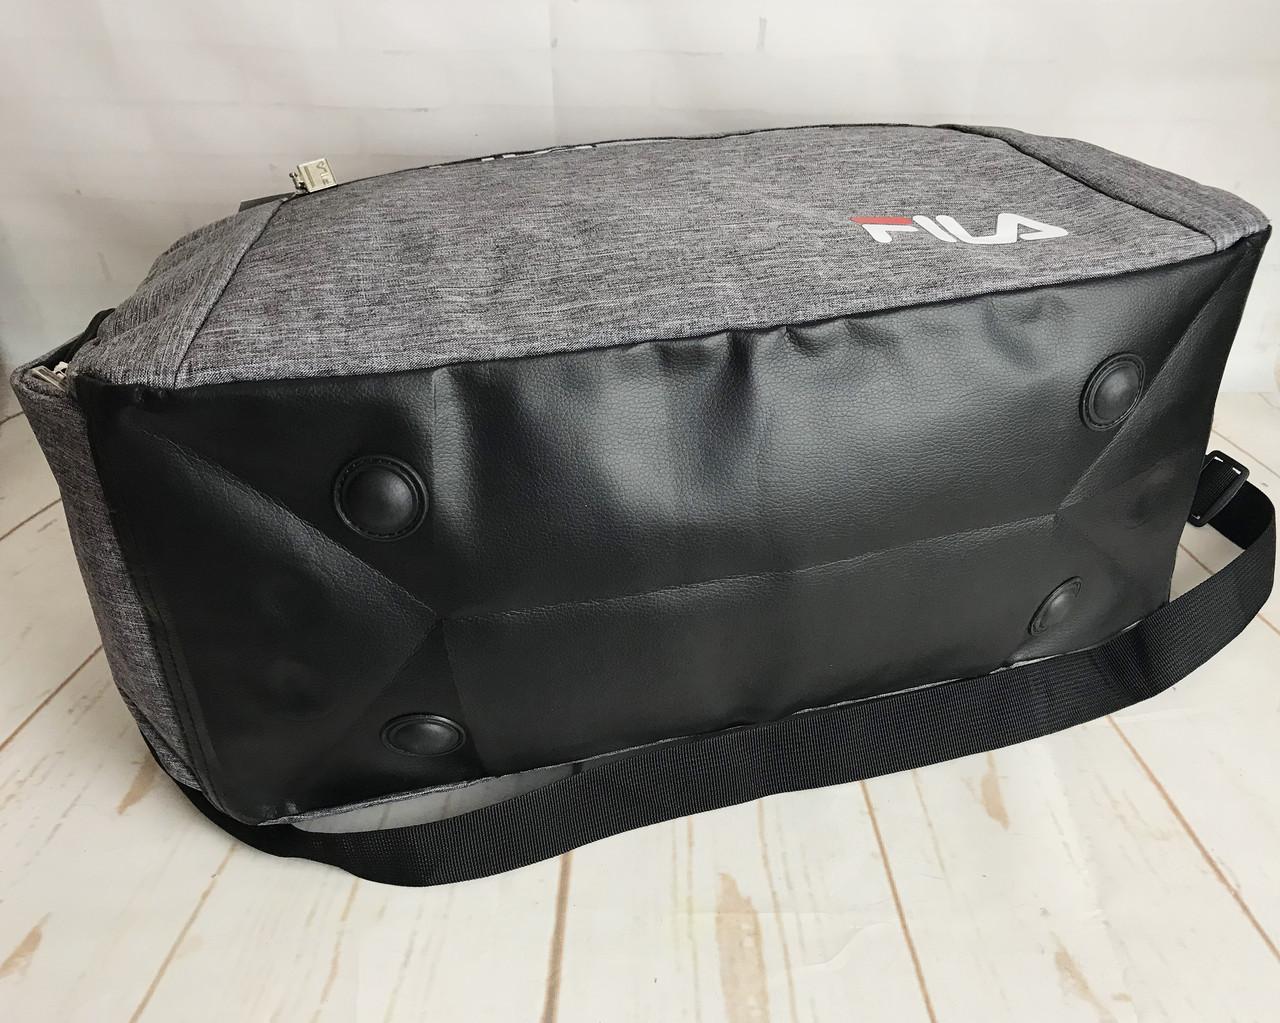 5595309f ... Красивая спортивная сумка Fila.Сумка для тренировок. Дорожная сумка  КСС29, фото 10